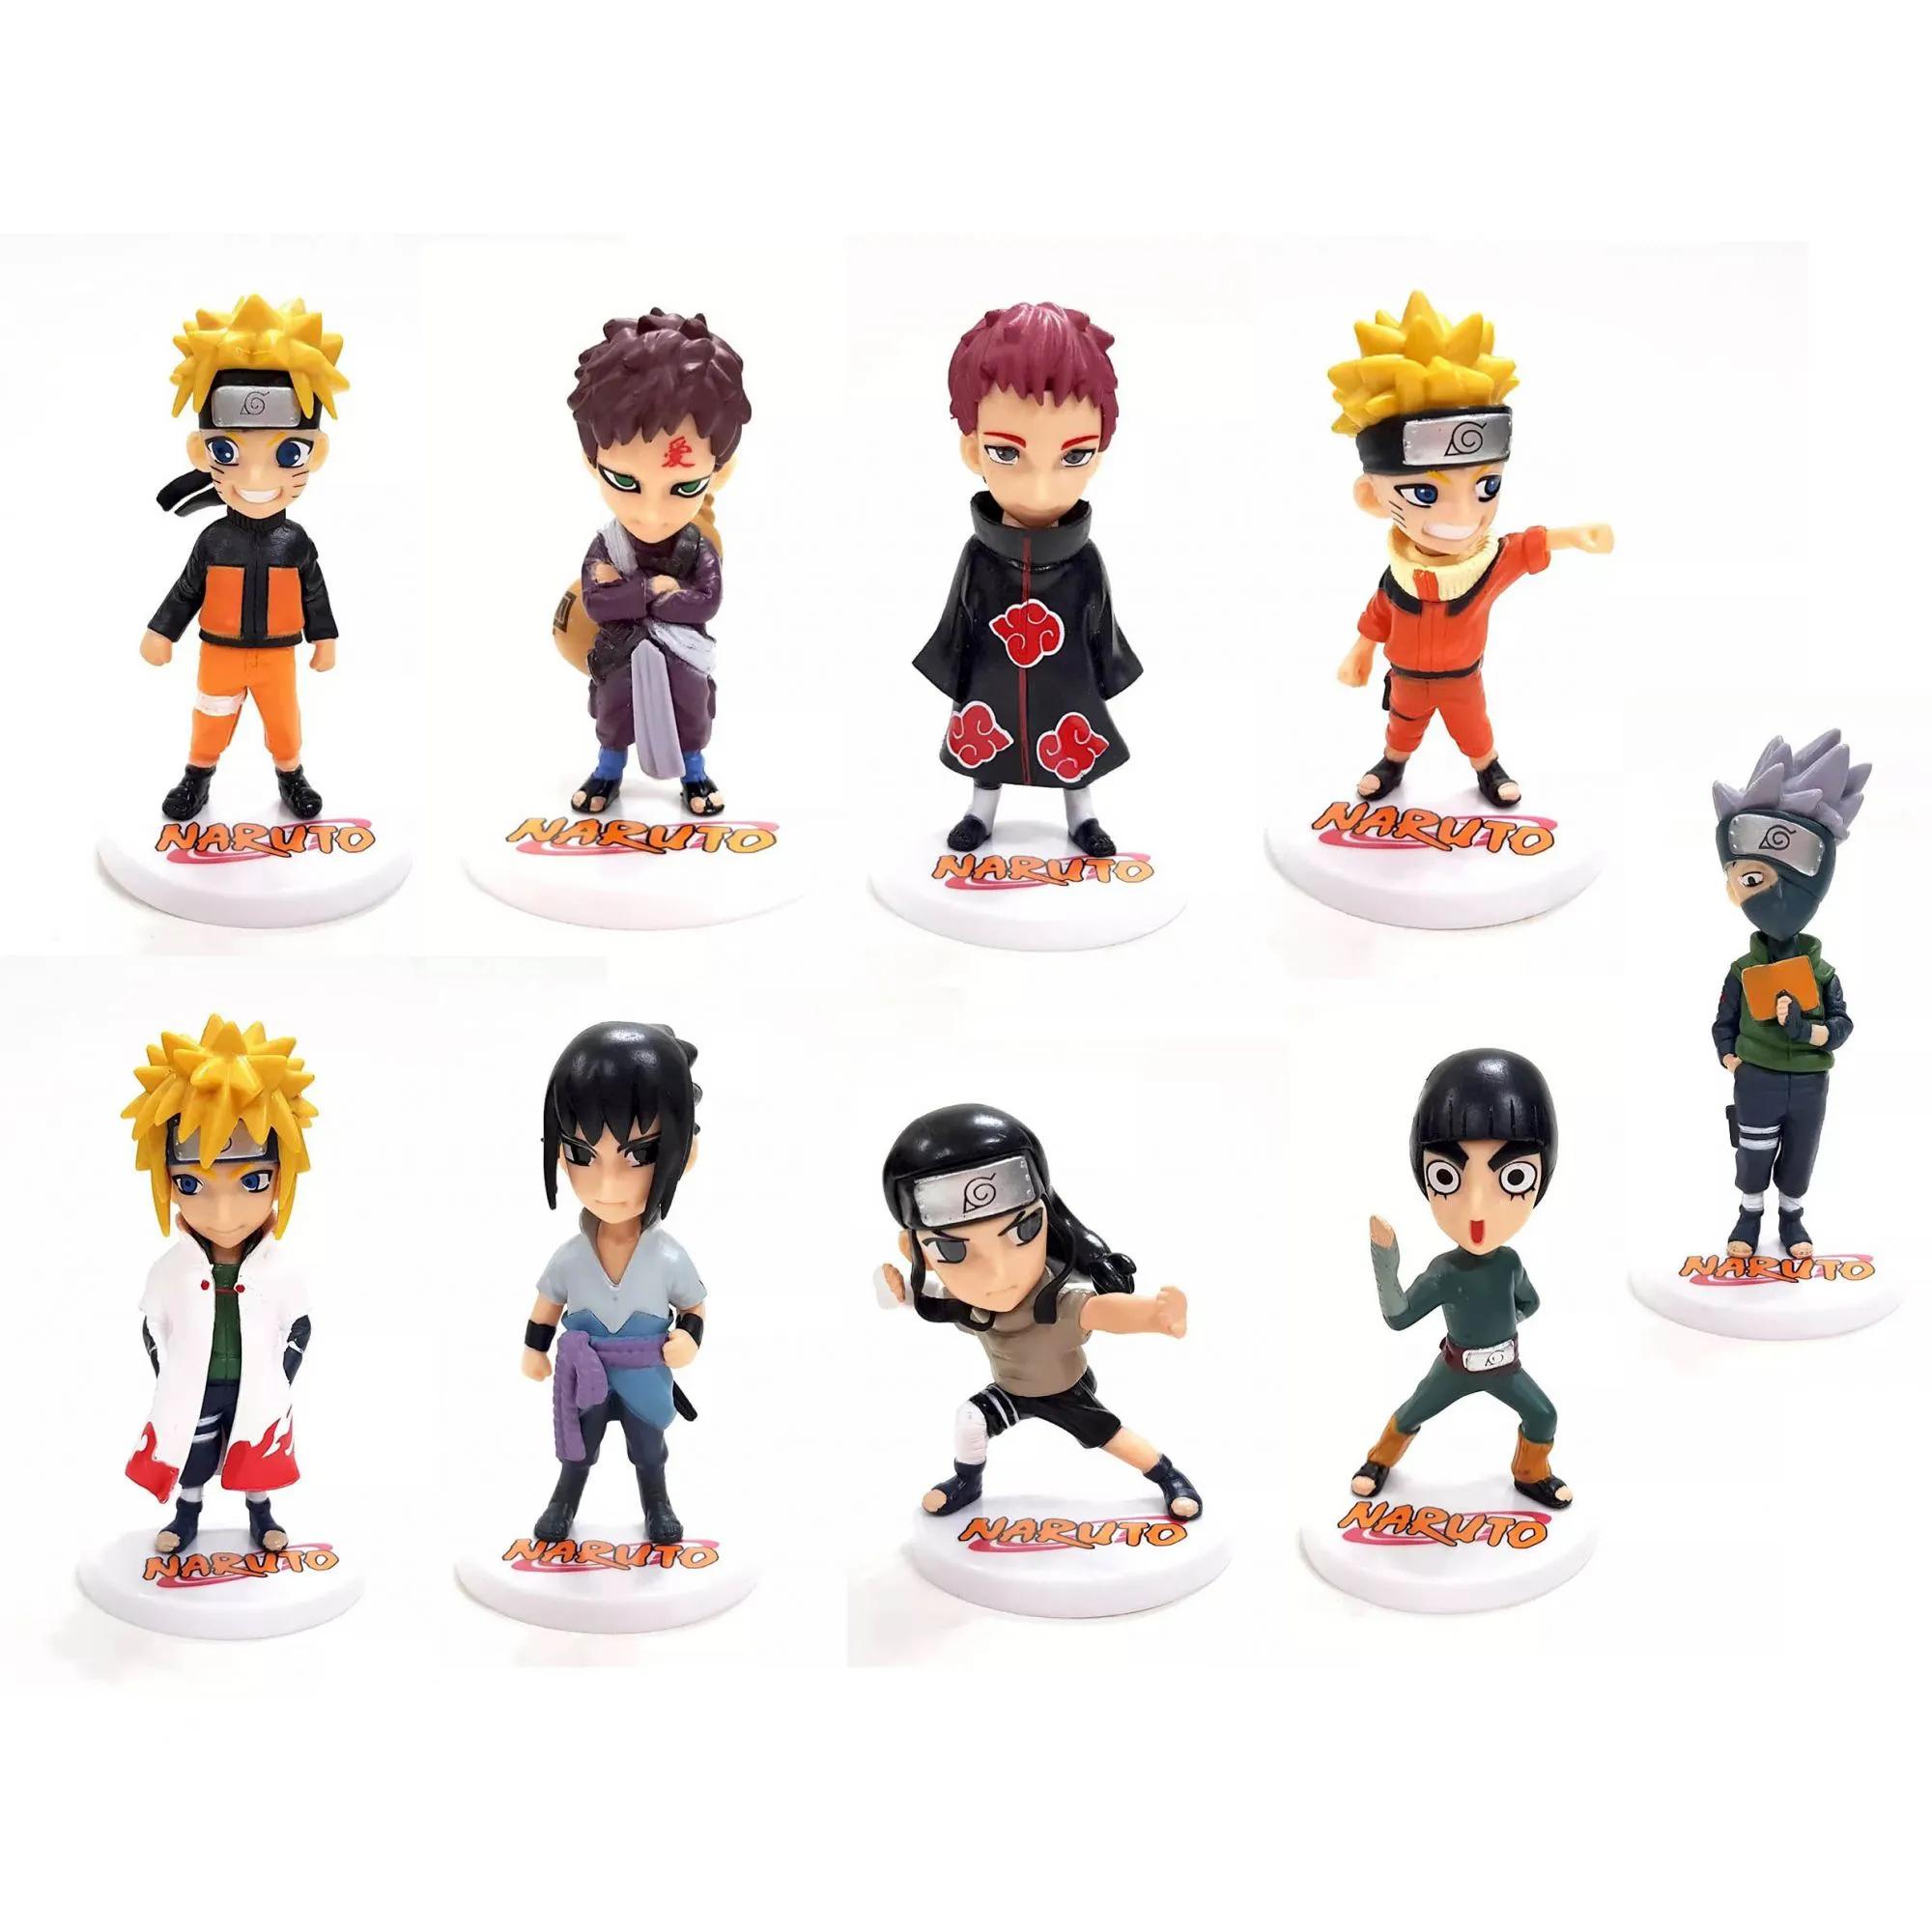 Boneco Action Figure Anime Série Naruto